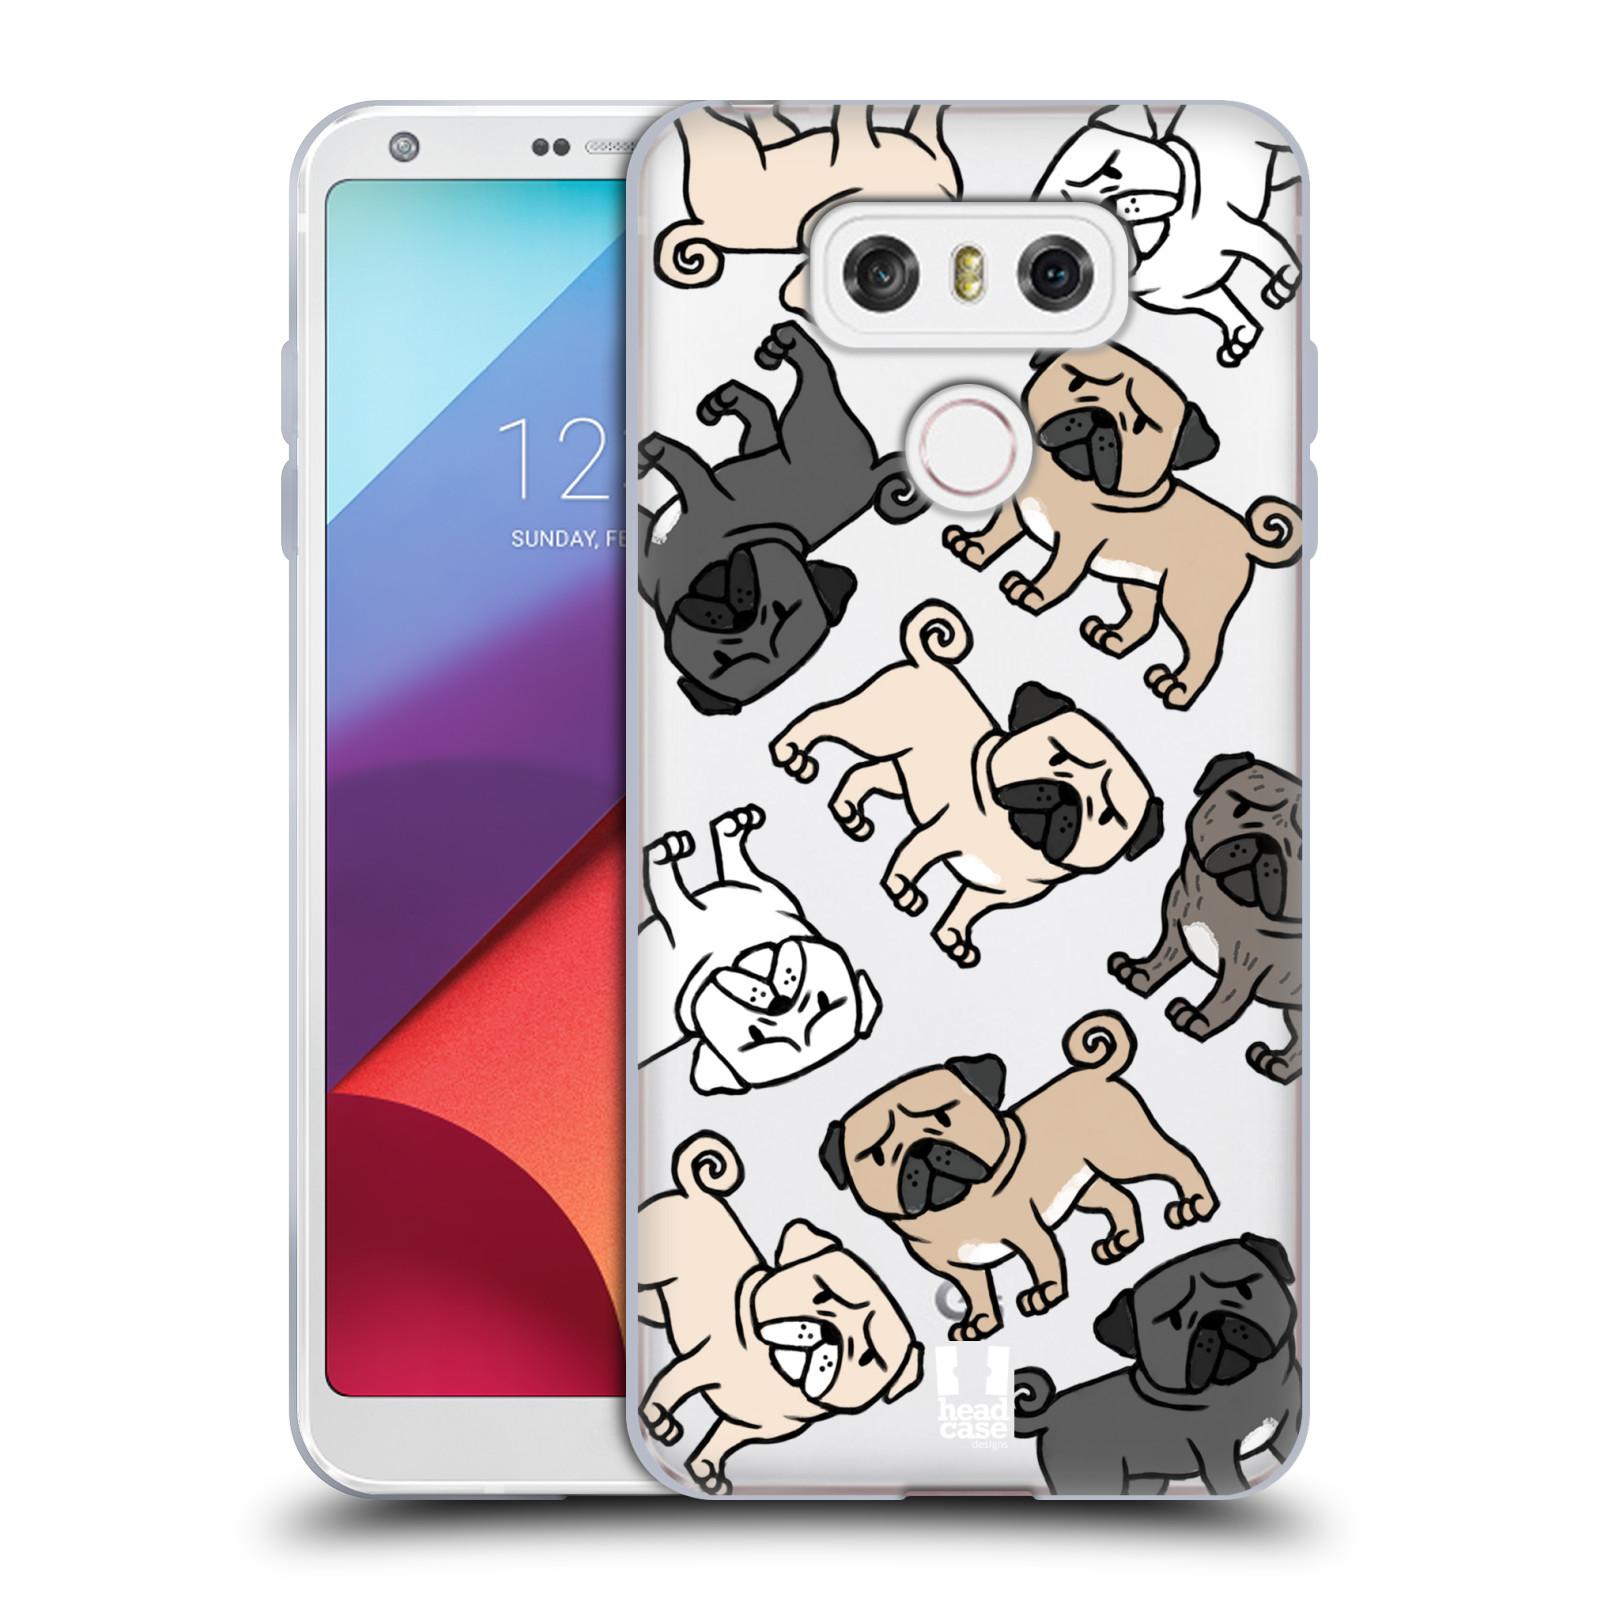 Silikonové pouzdro na mobil LG G6 - Head Case - Mopsíci (Silikonový kryt či obal na mobilní telefon s motivem mopsíků pro LG G6 H870 / LG G6 Dual SIM H870DS)